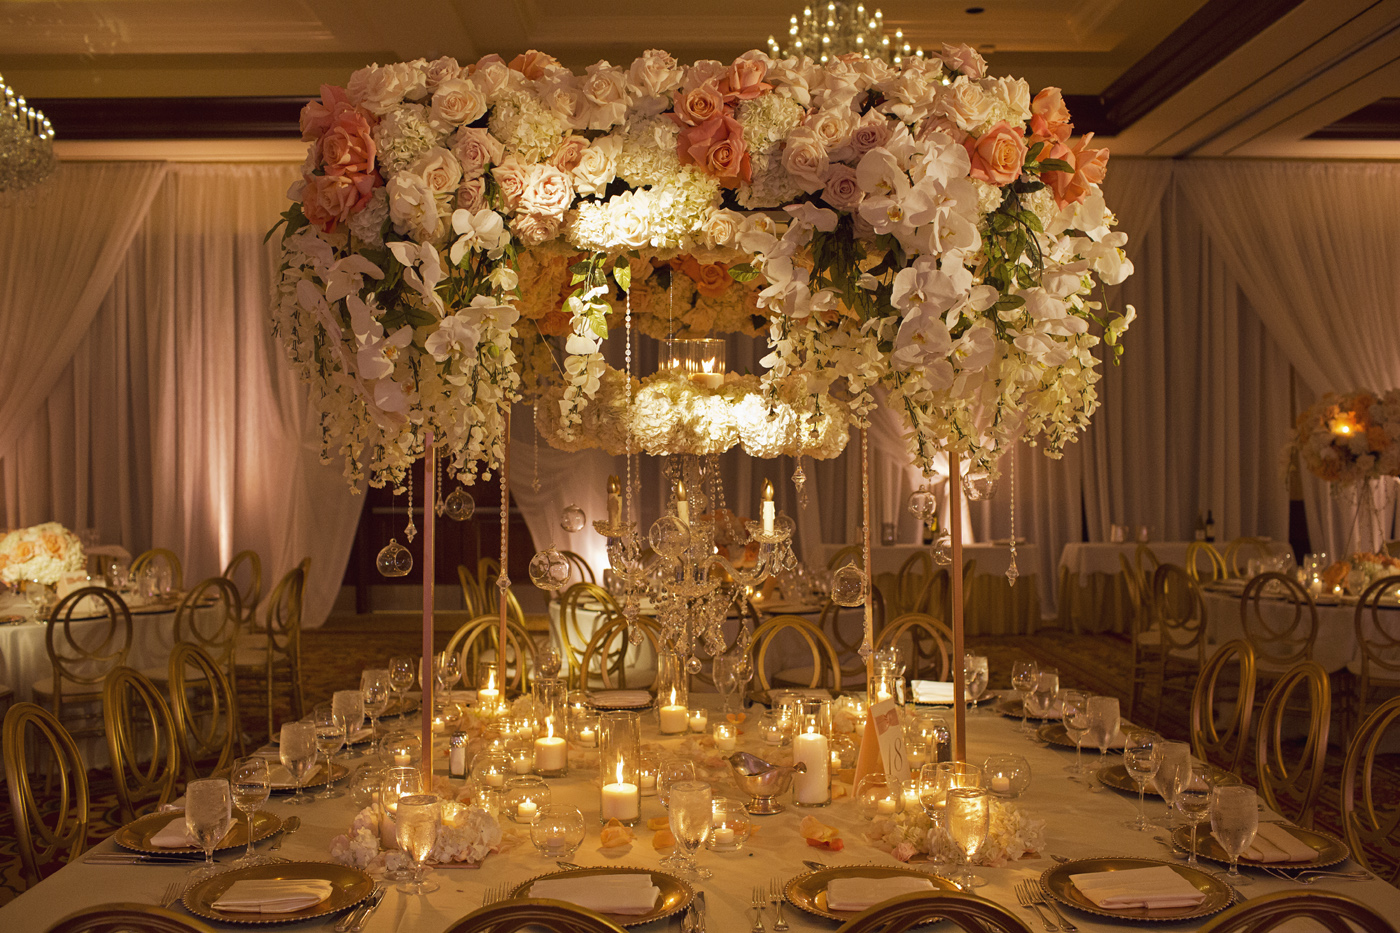 060_DukePhotography_DukeImages_Wedding_Details.jpg